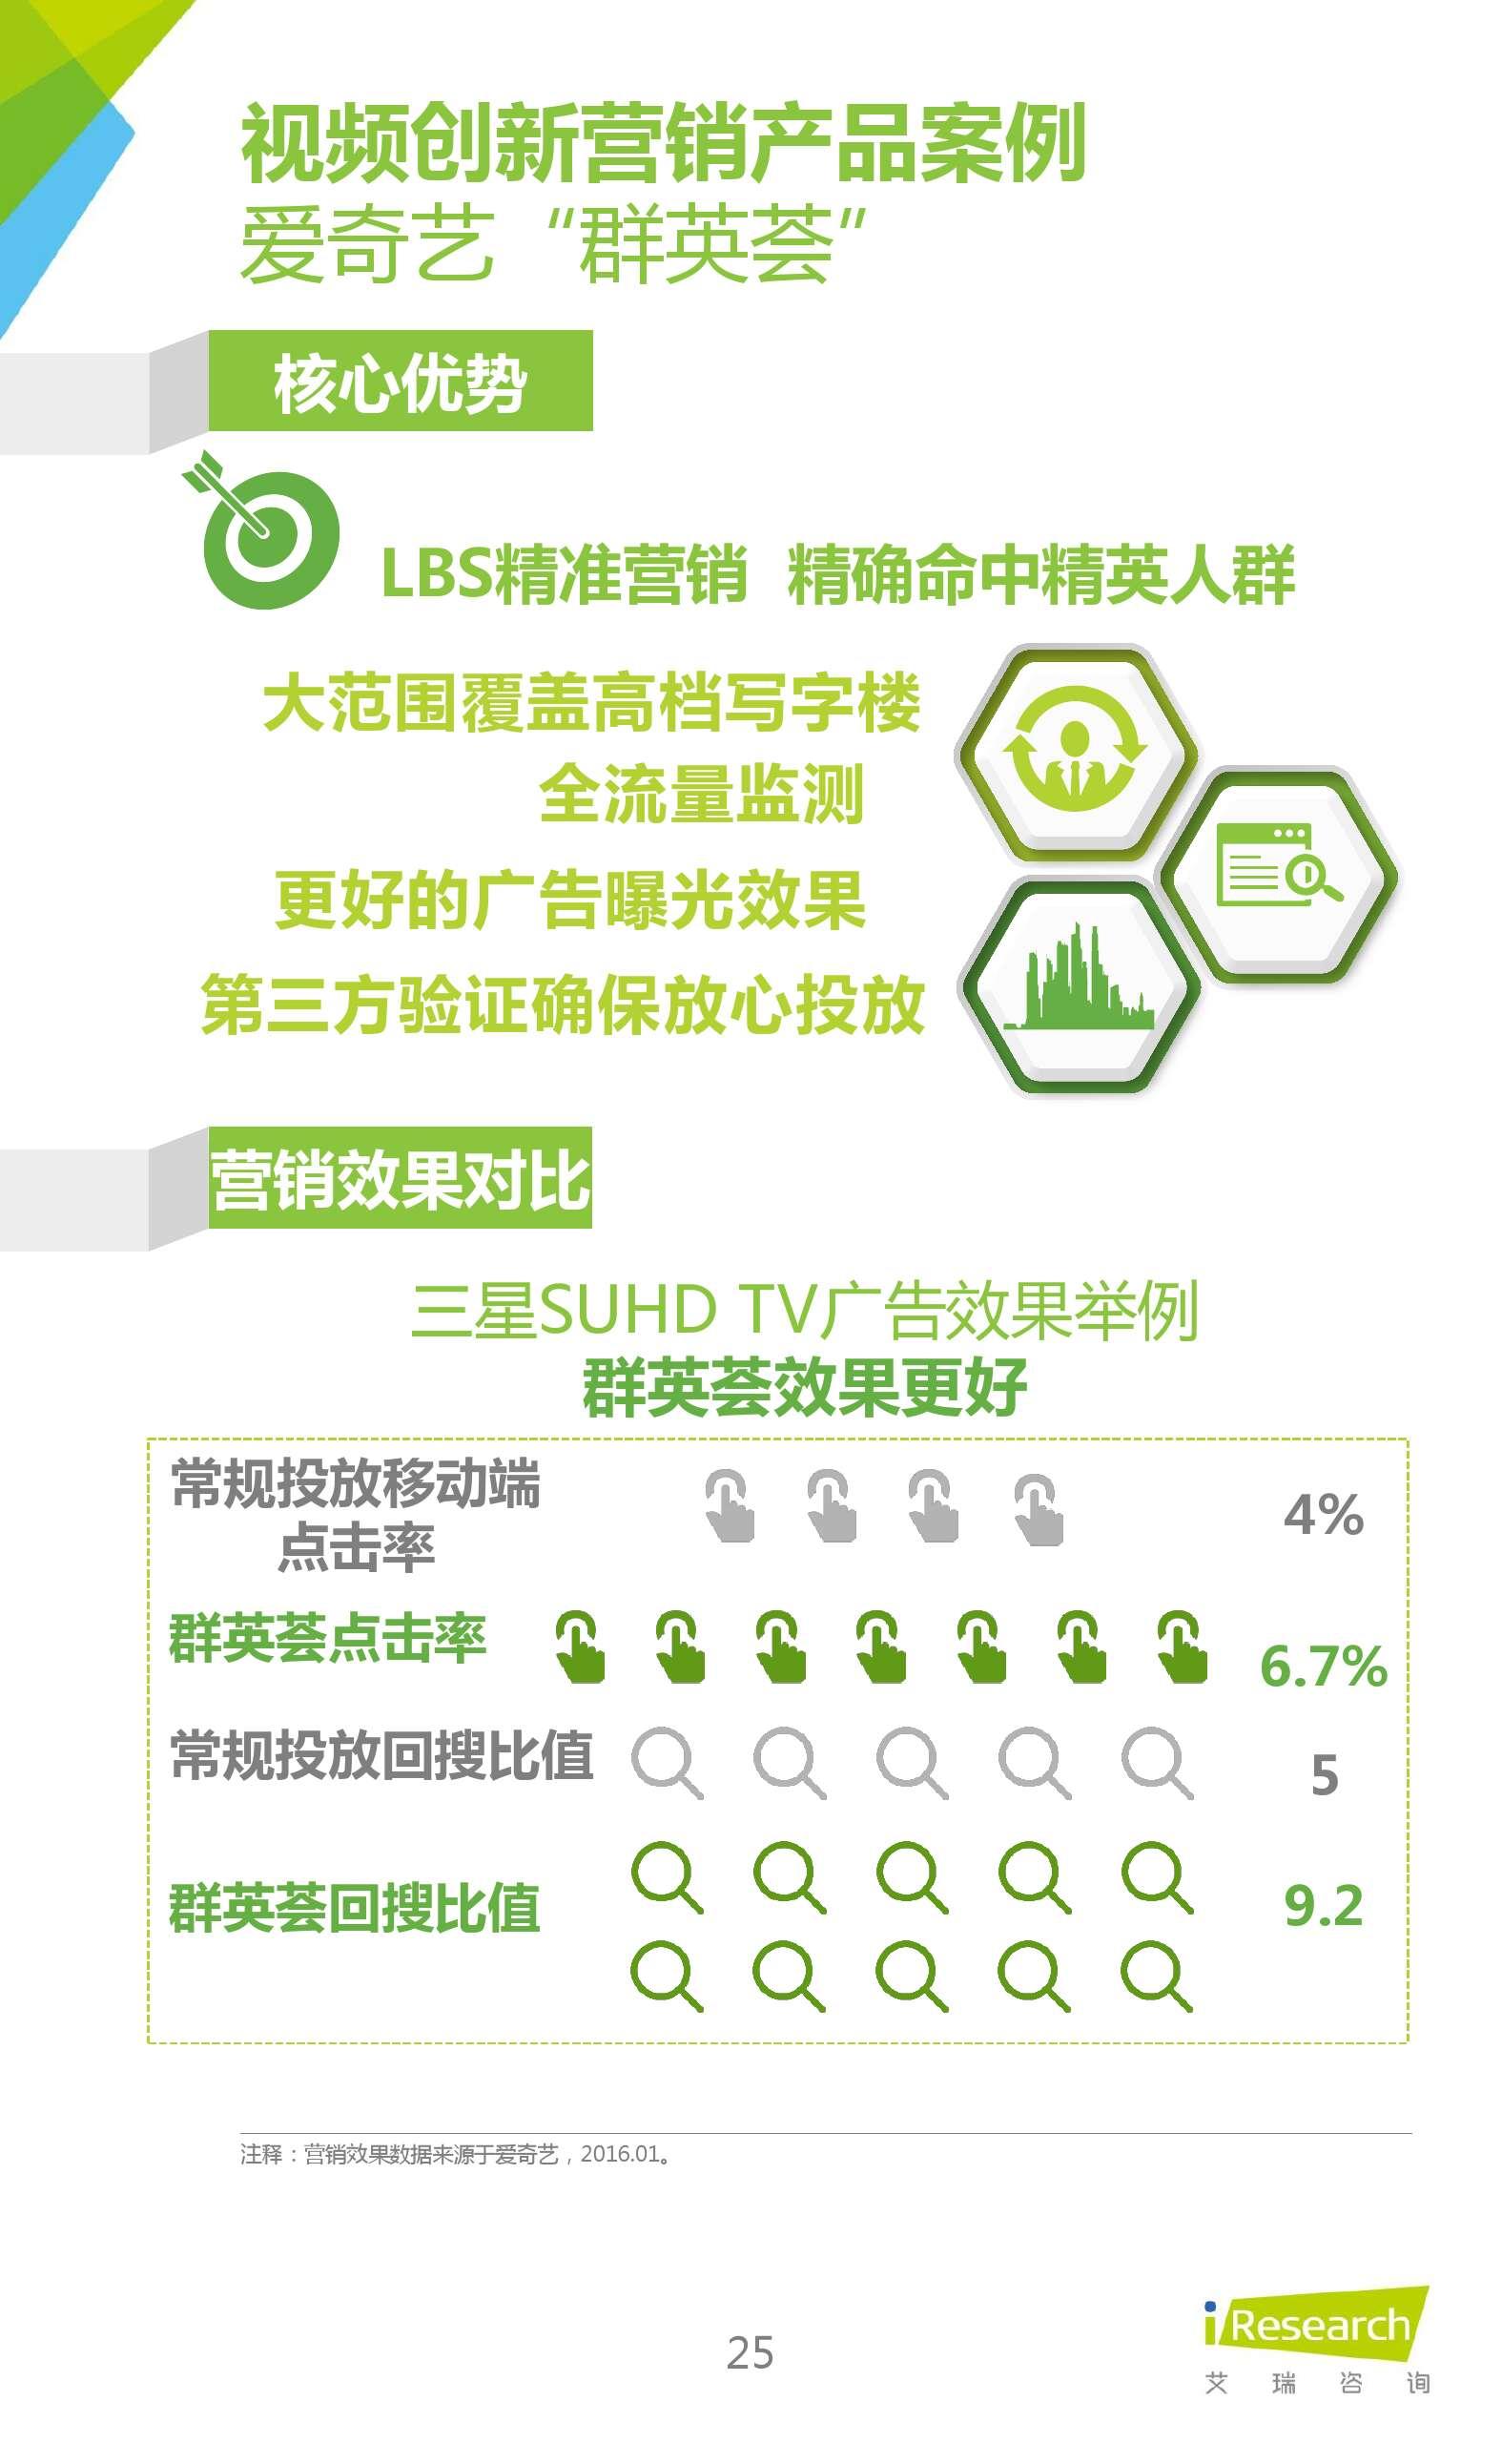 2016年中国在线视频企业创新营销研究_000025